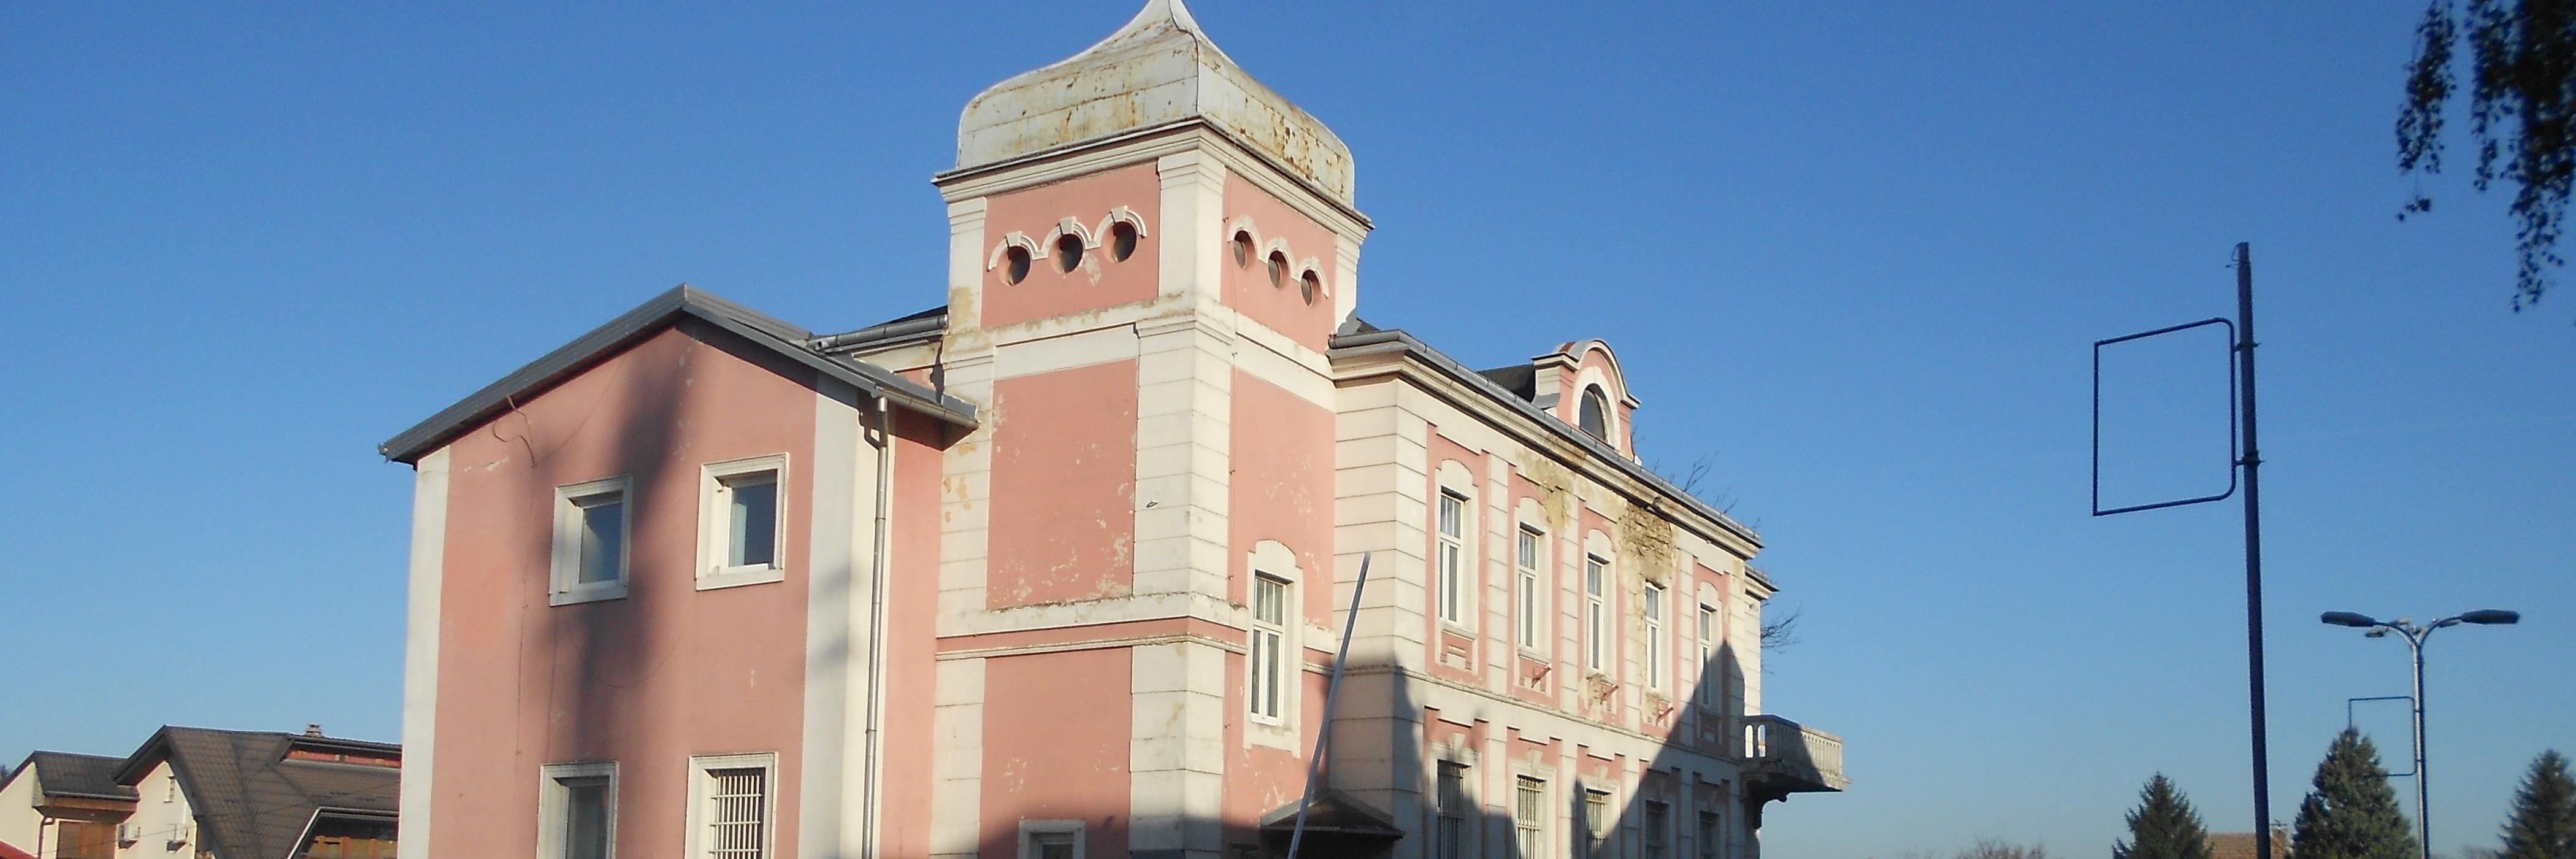 Здание «Краинапутеви»